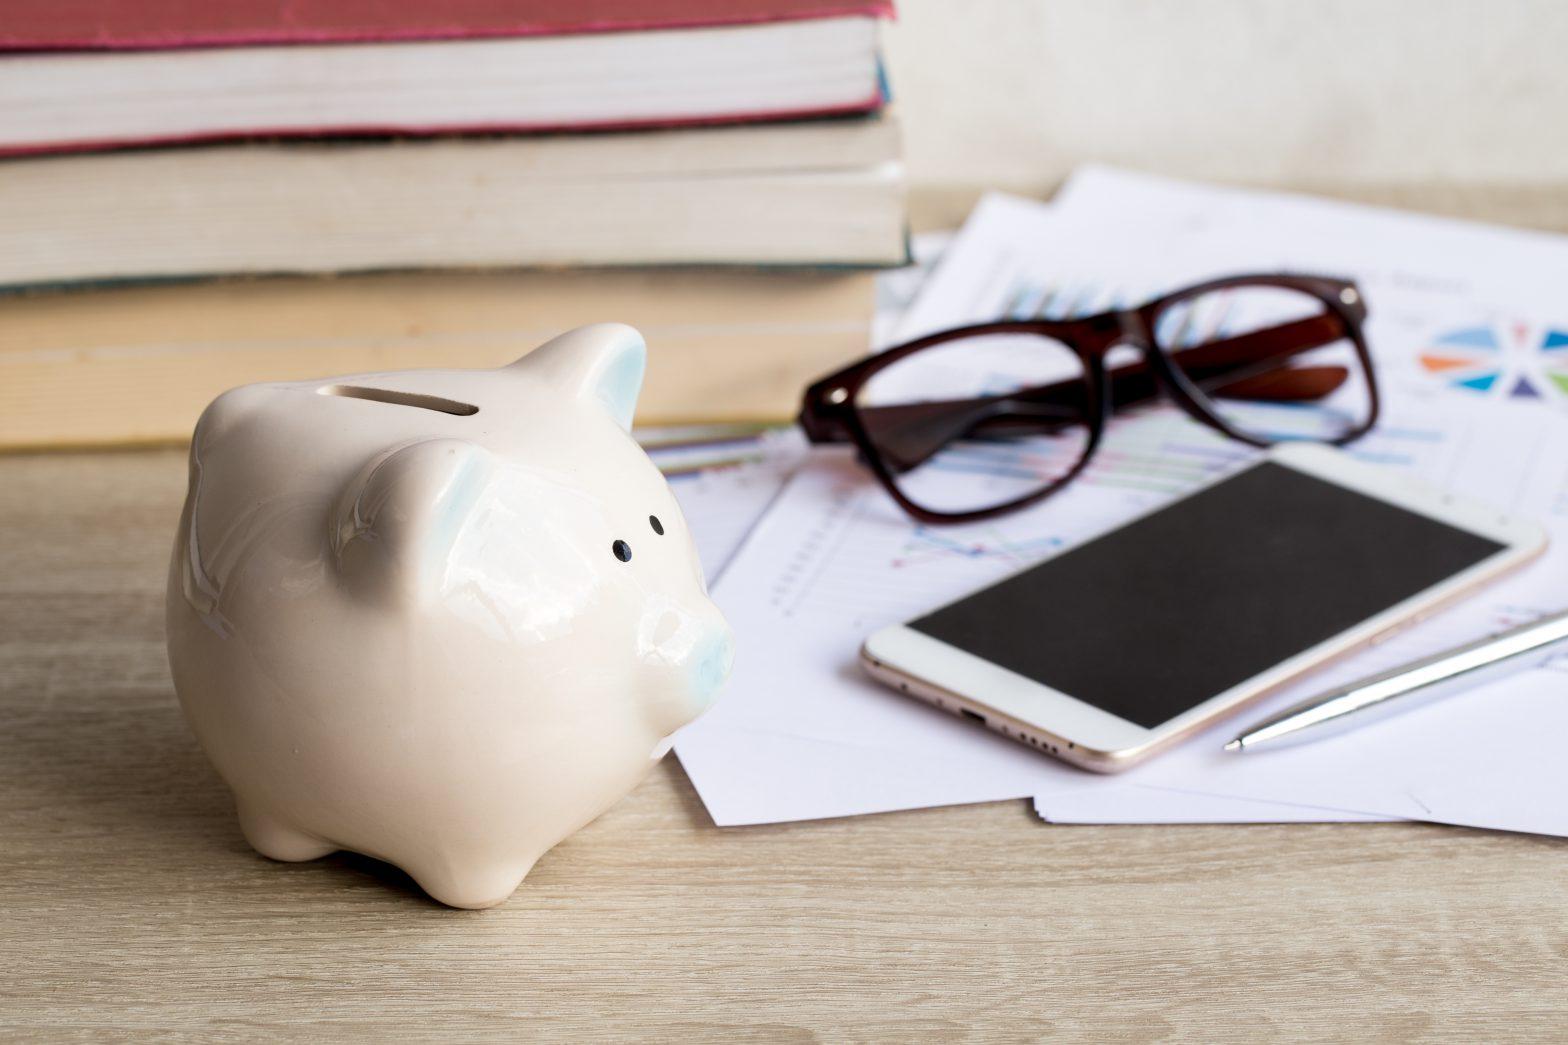 E-konto oszczędnościowe - czym jest i na co zwrócić uwagę przy wyborze